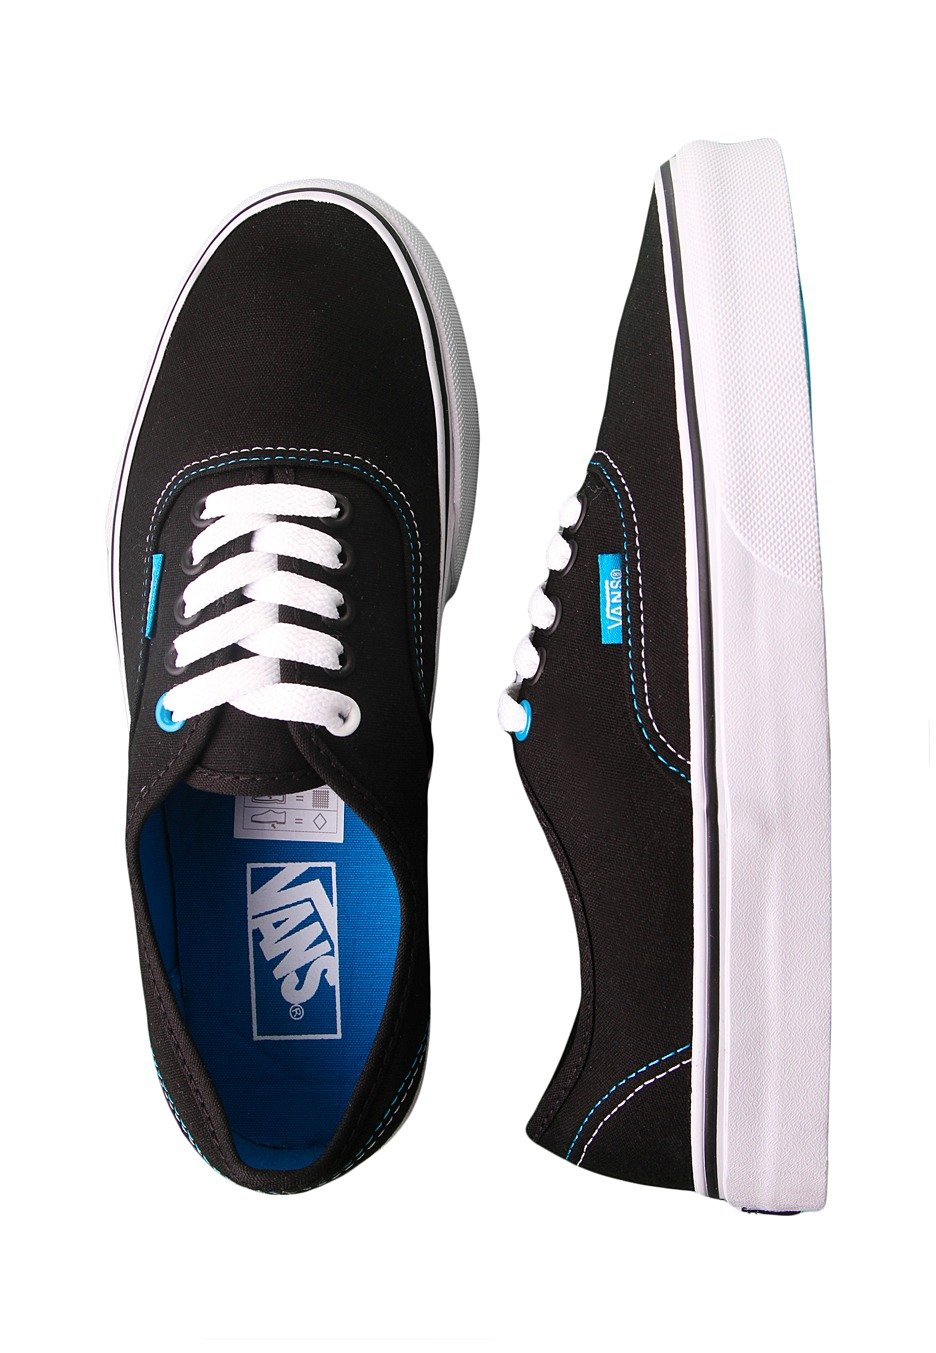 9ea485c39e77bb Vans - Authentic Pop Black Methyl Blue - Girl Shoes - Impericon.com UK